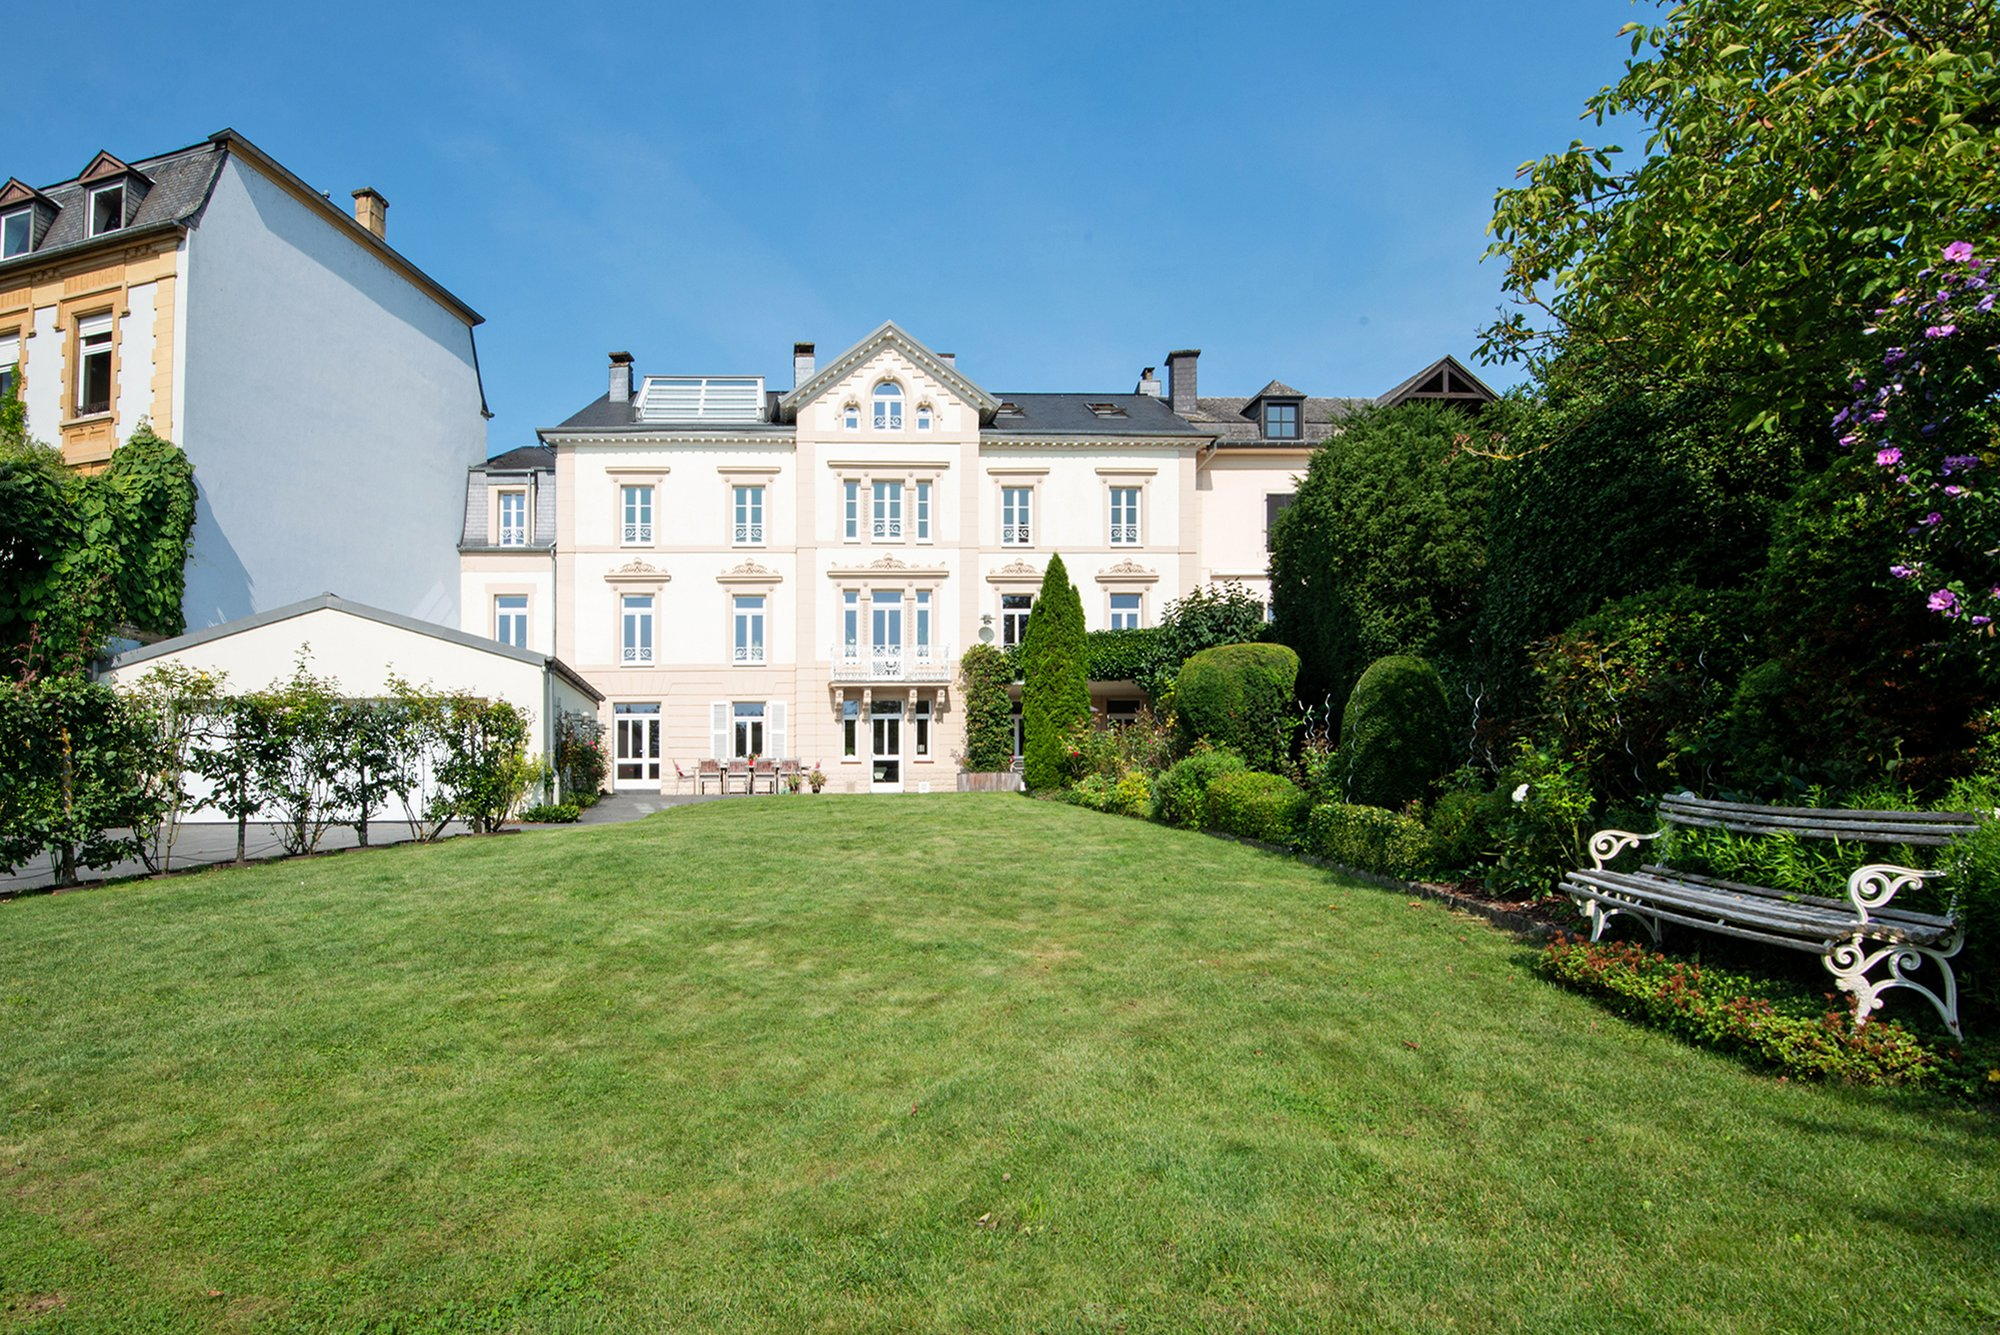 Дом в Ремих, Гревенмахер, Люксембург 1 - 11596390